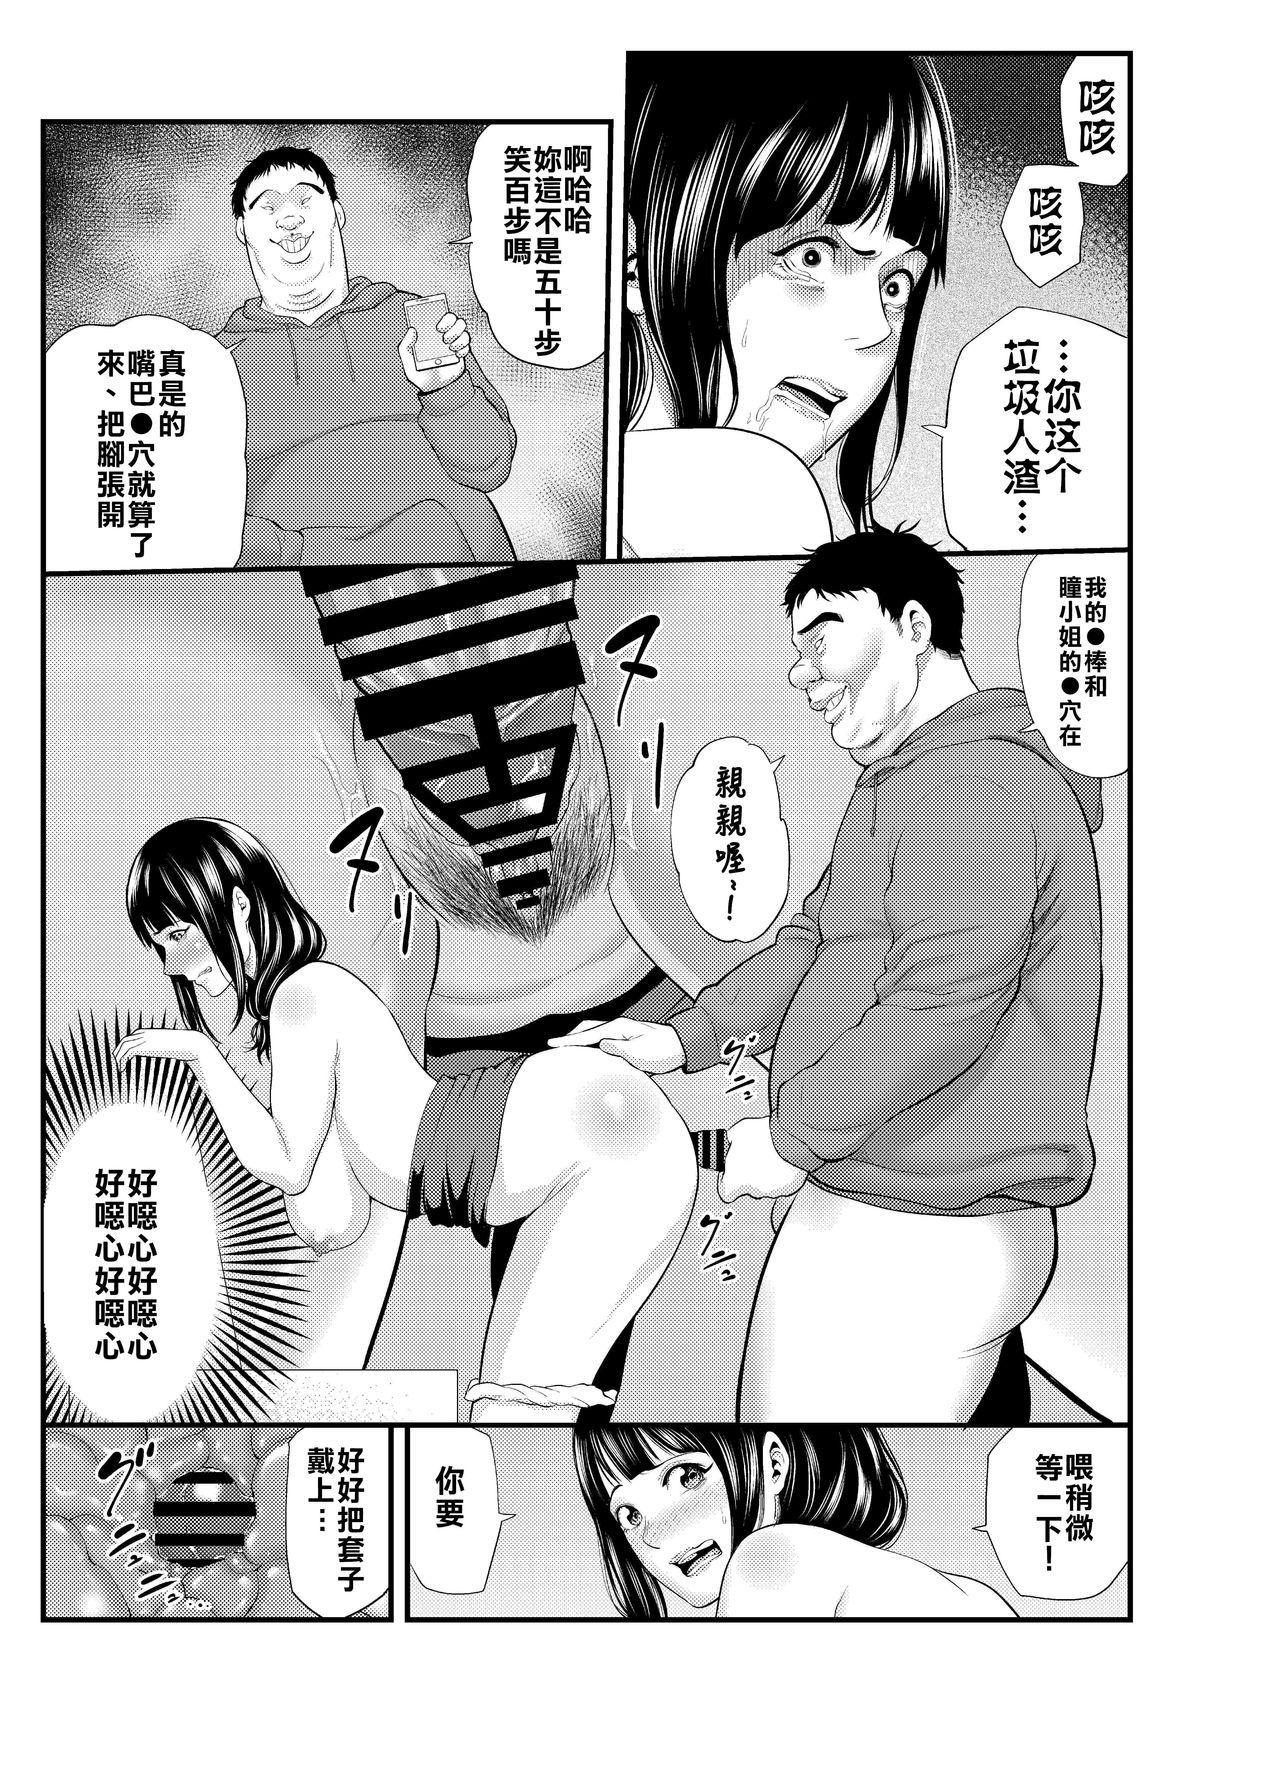 Hitozuma ni Koi Shita Boku wa, Hitozuma no Yowami o Nigitte...   愛上人妻的我,抓到了人妻的小辮子… 11